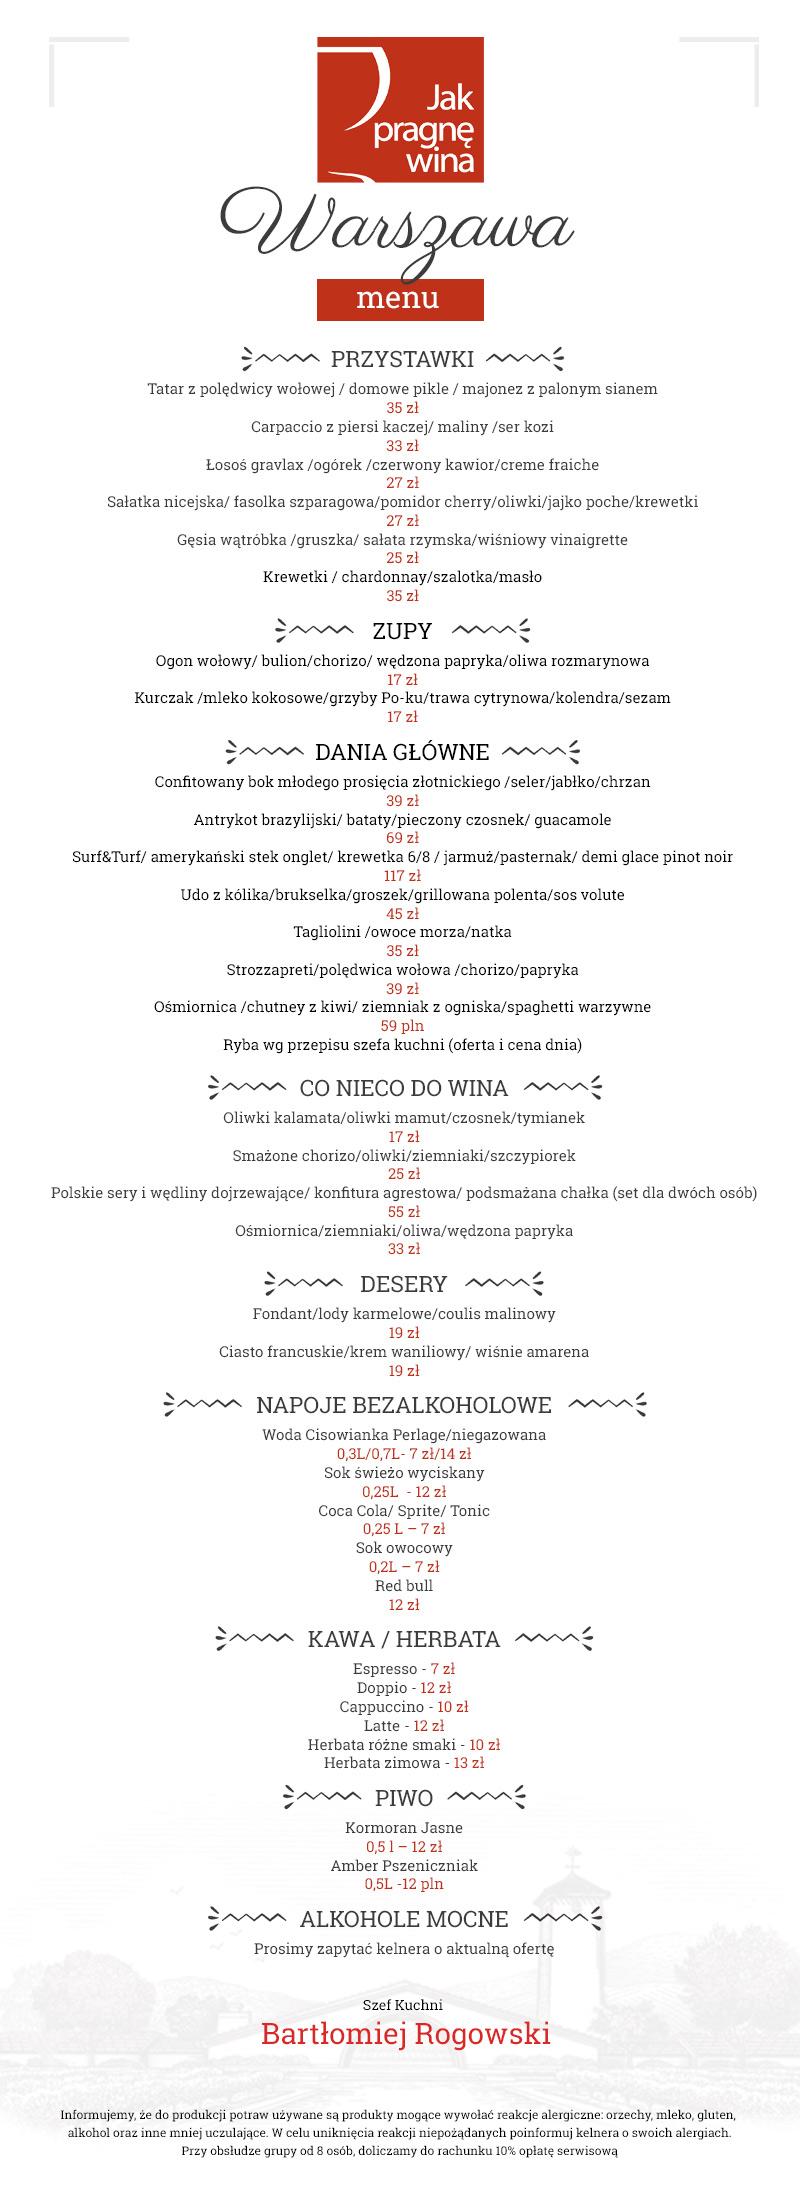 Jak-pragnę-wina-Warszawa-menu-wersja-elektroniczna